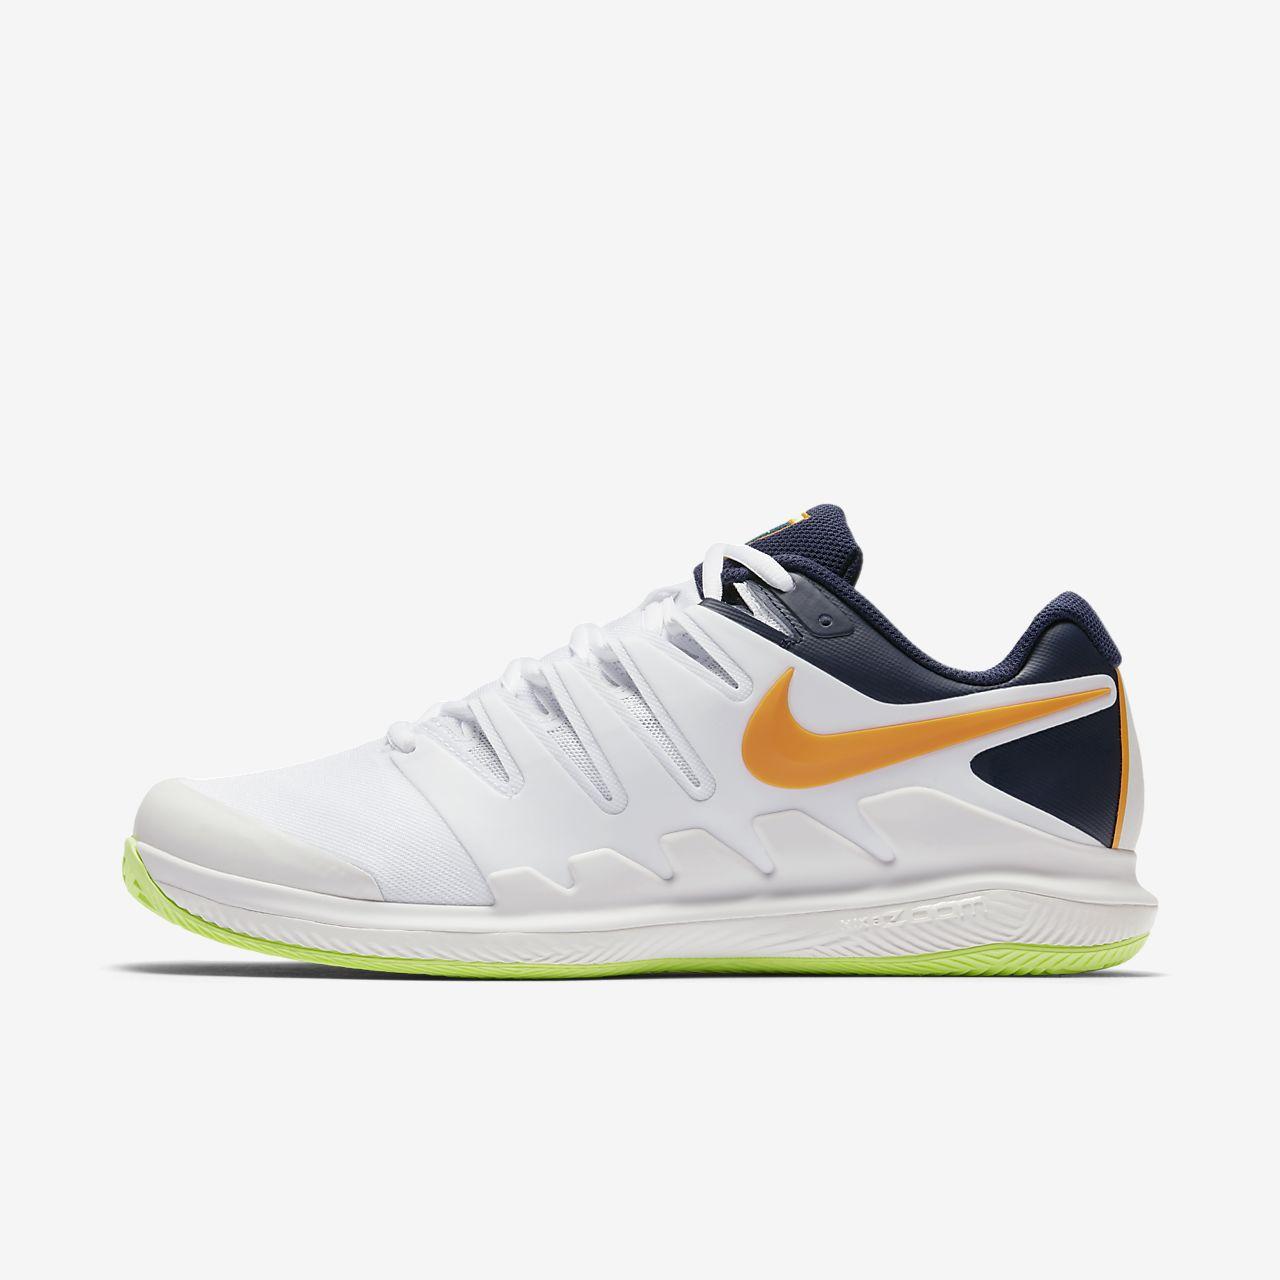 Nike Air Vapor Zoom Vapor Air X Clay Zapatillas de tenis Hombre. Nike ES 845523